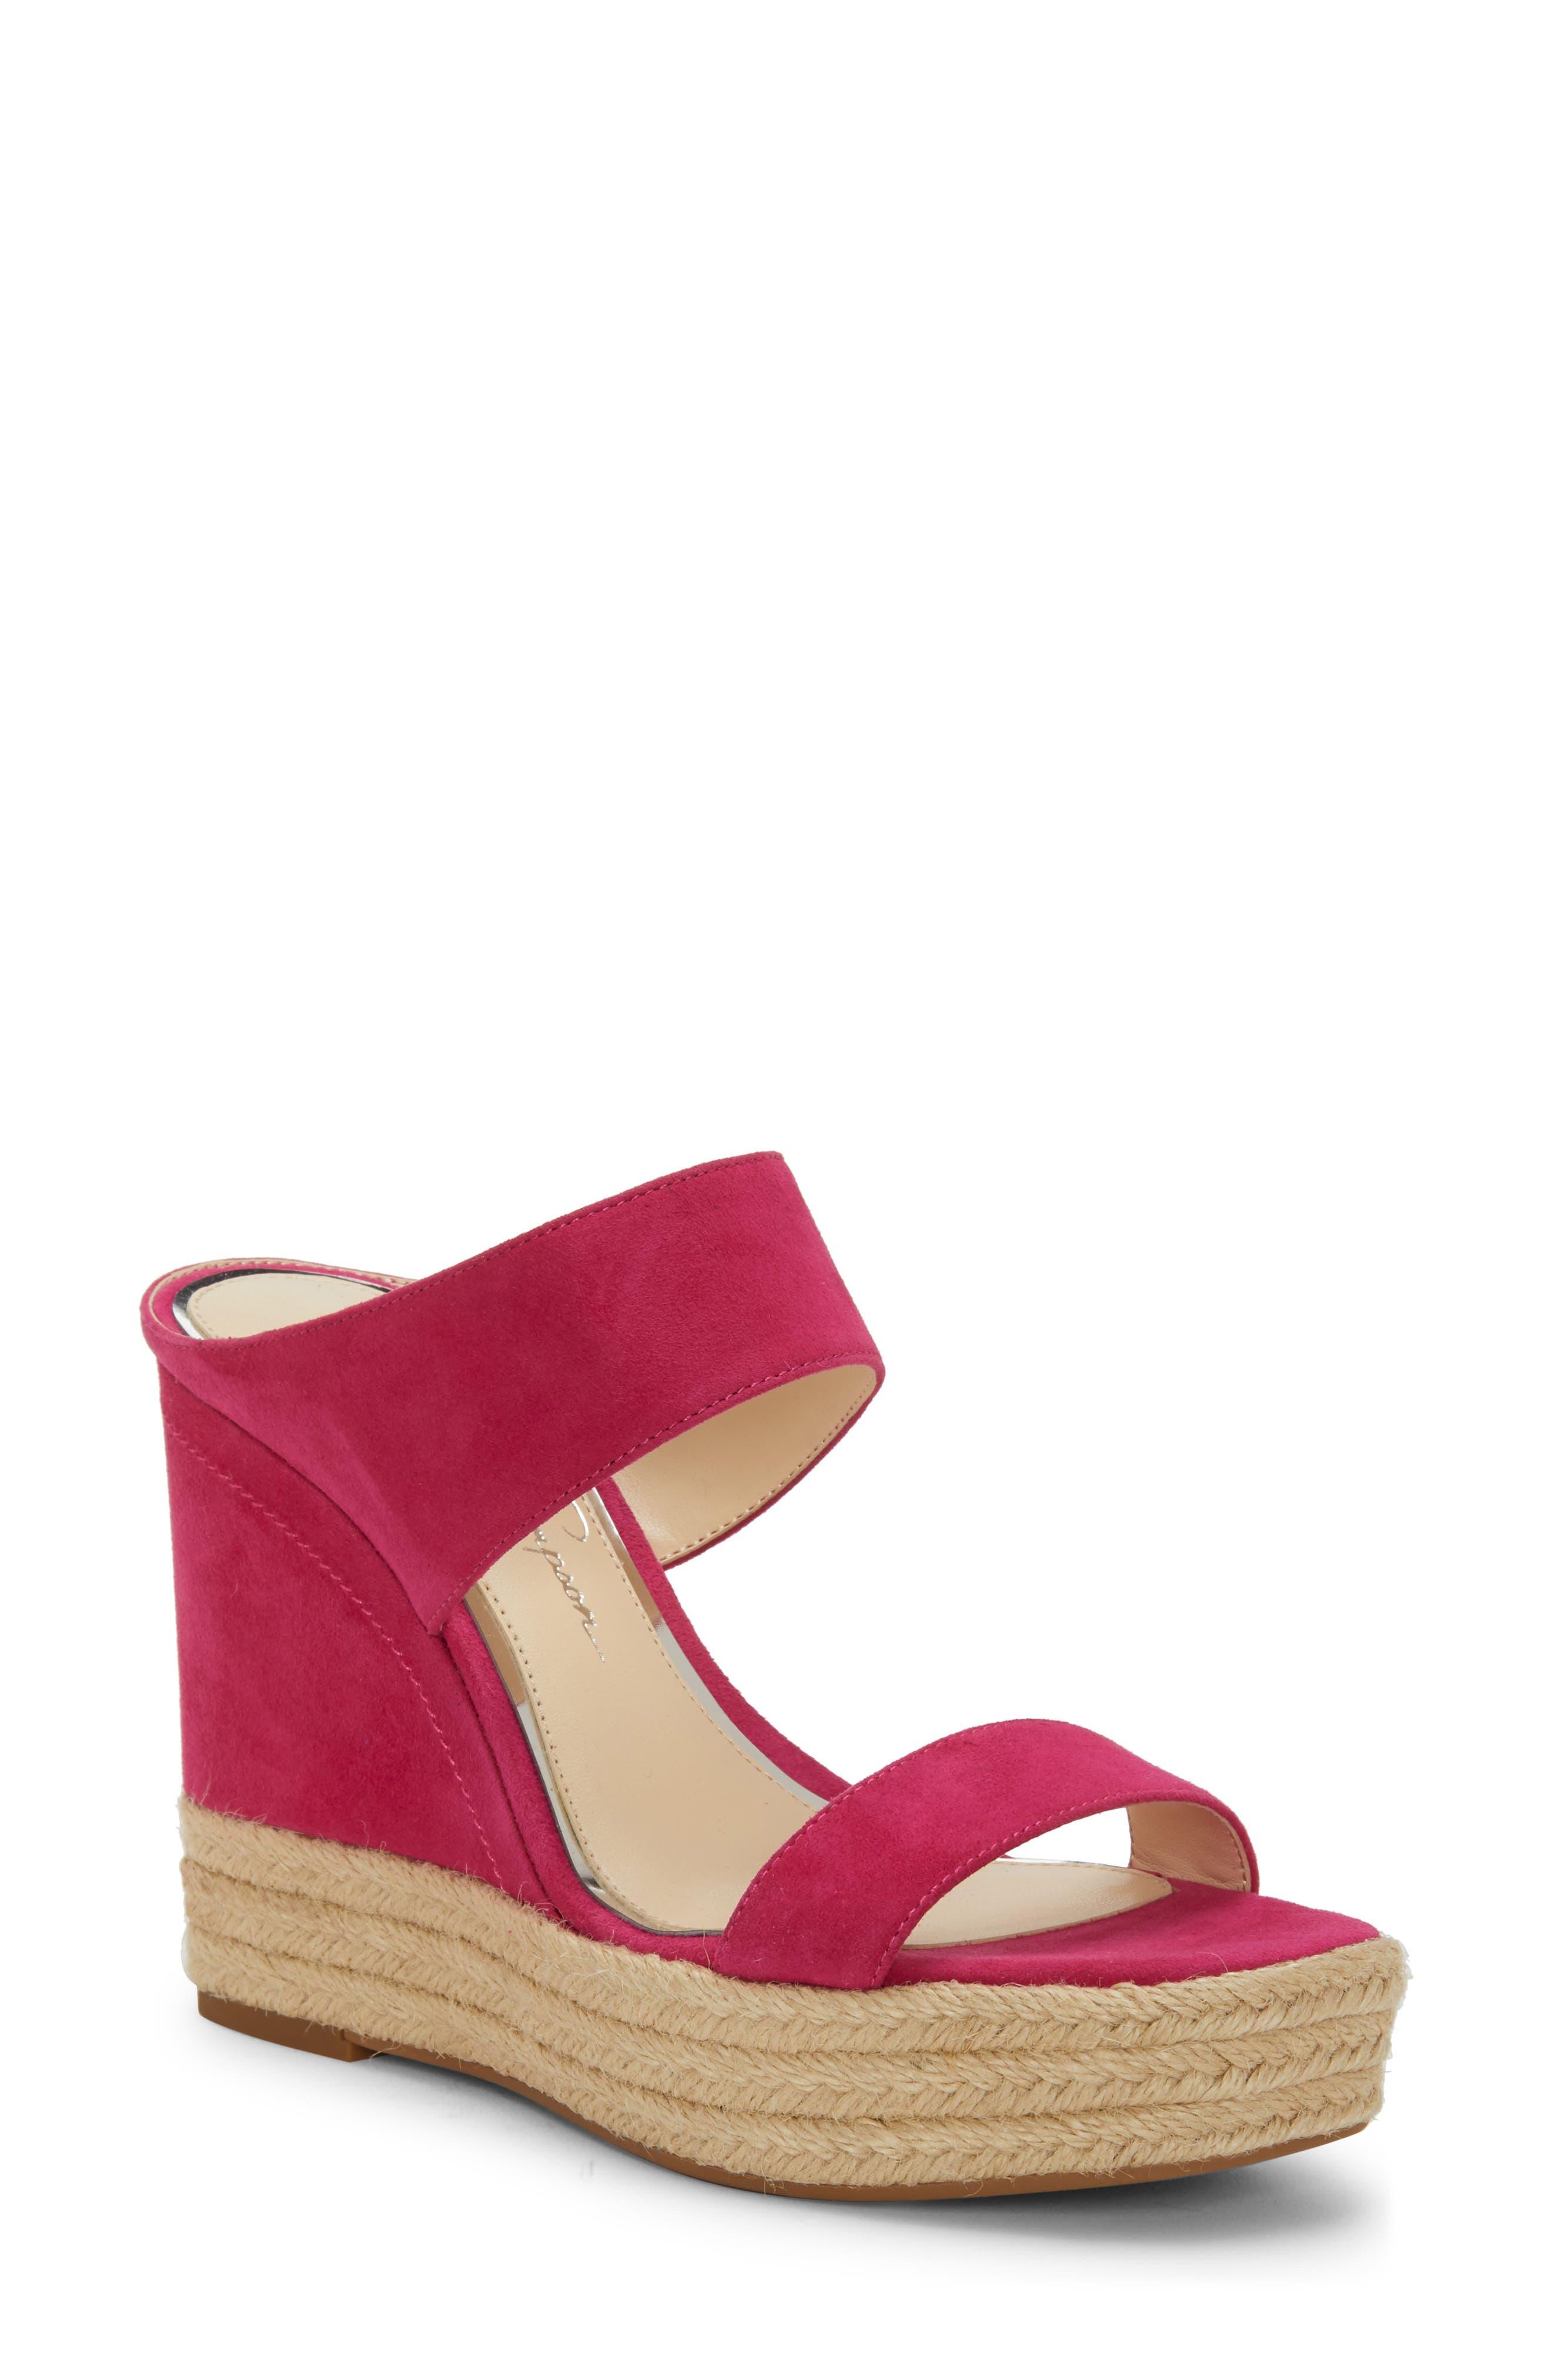 Jessica Simpson Siera Espadrille Wedge Slide Sandal, Pink